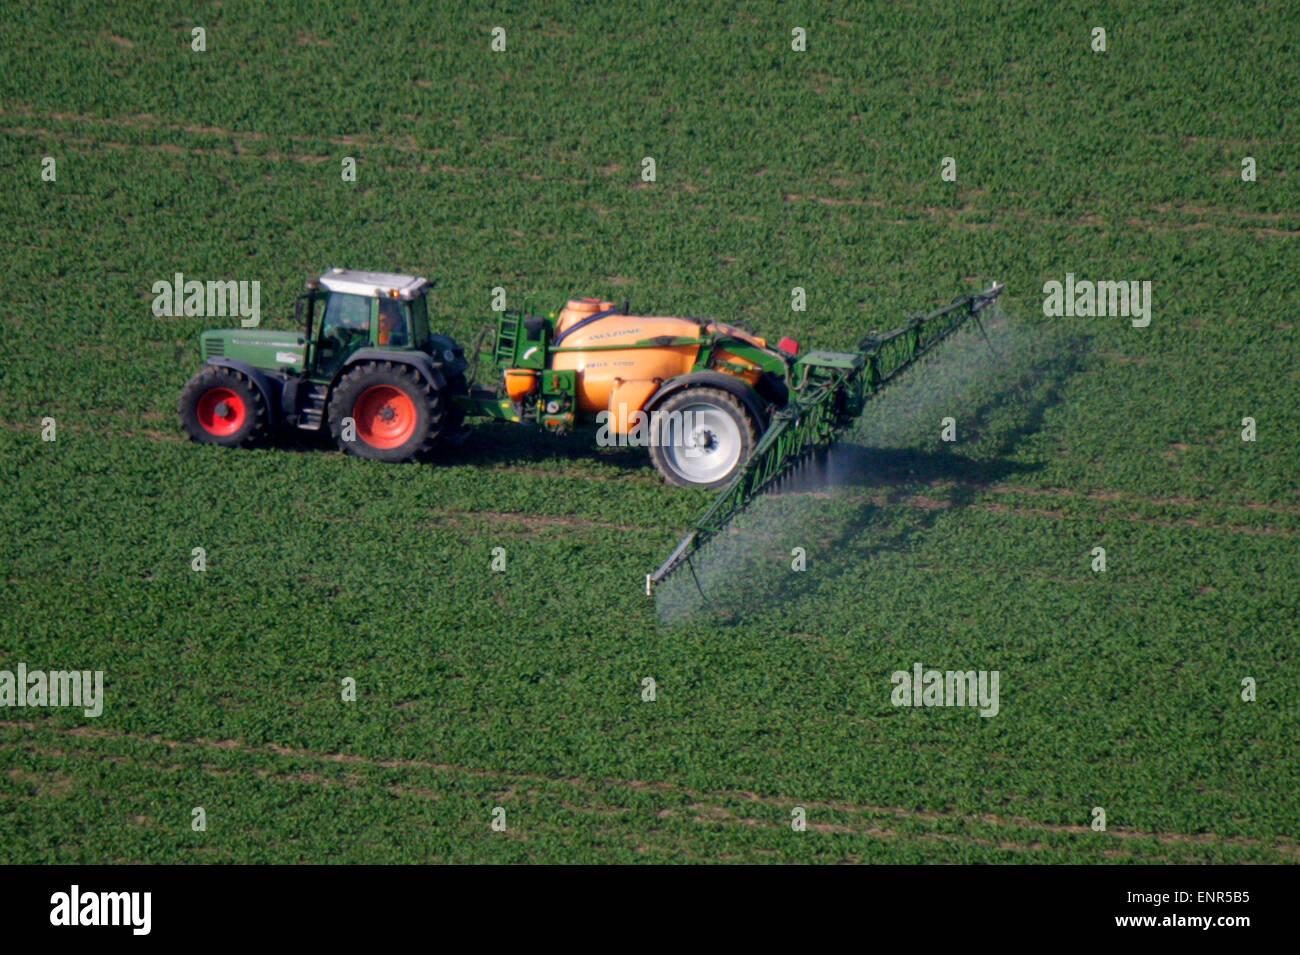 Trekker, der Pflanzenschutzmittel versprueht, konventionelle Landwirtschaft - Saechsische Schweiz . - Stock Image